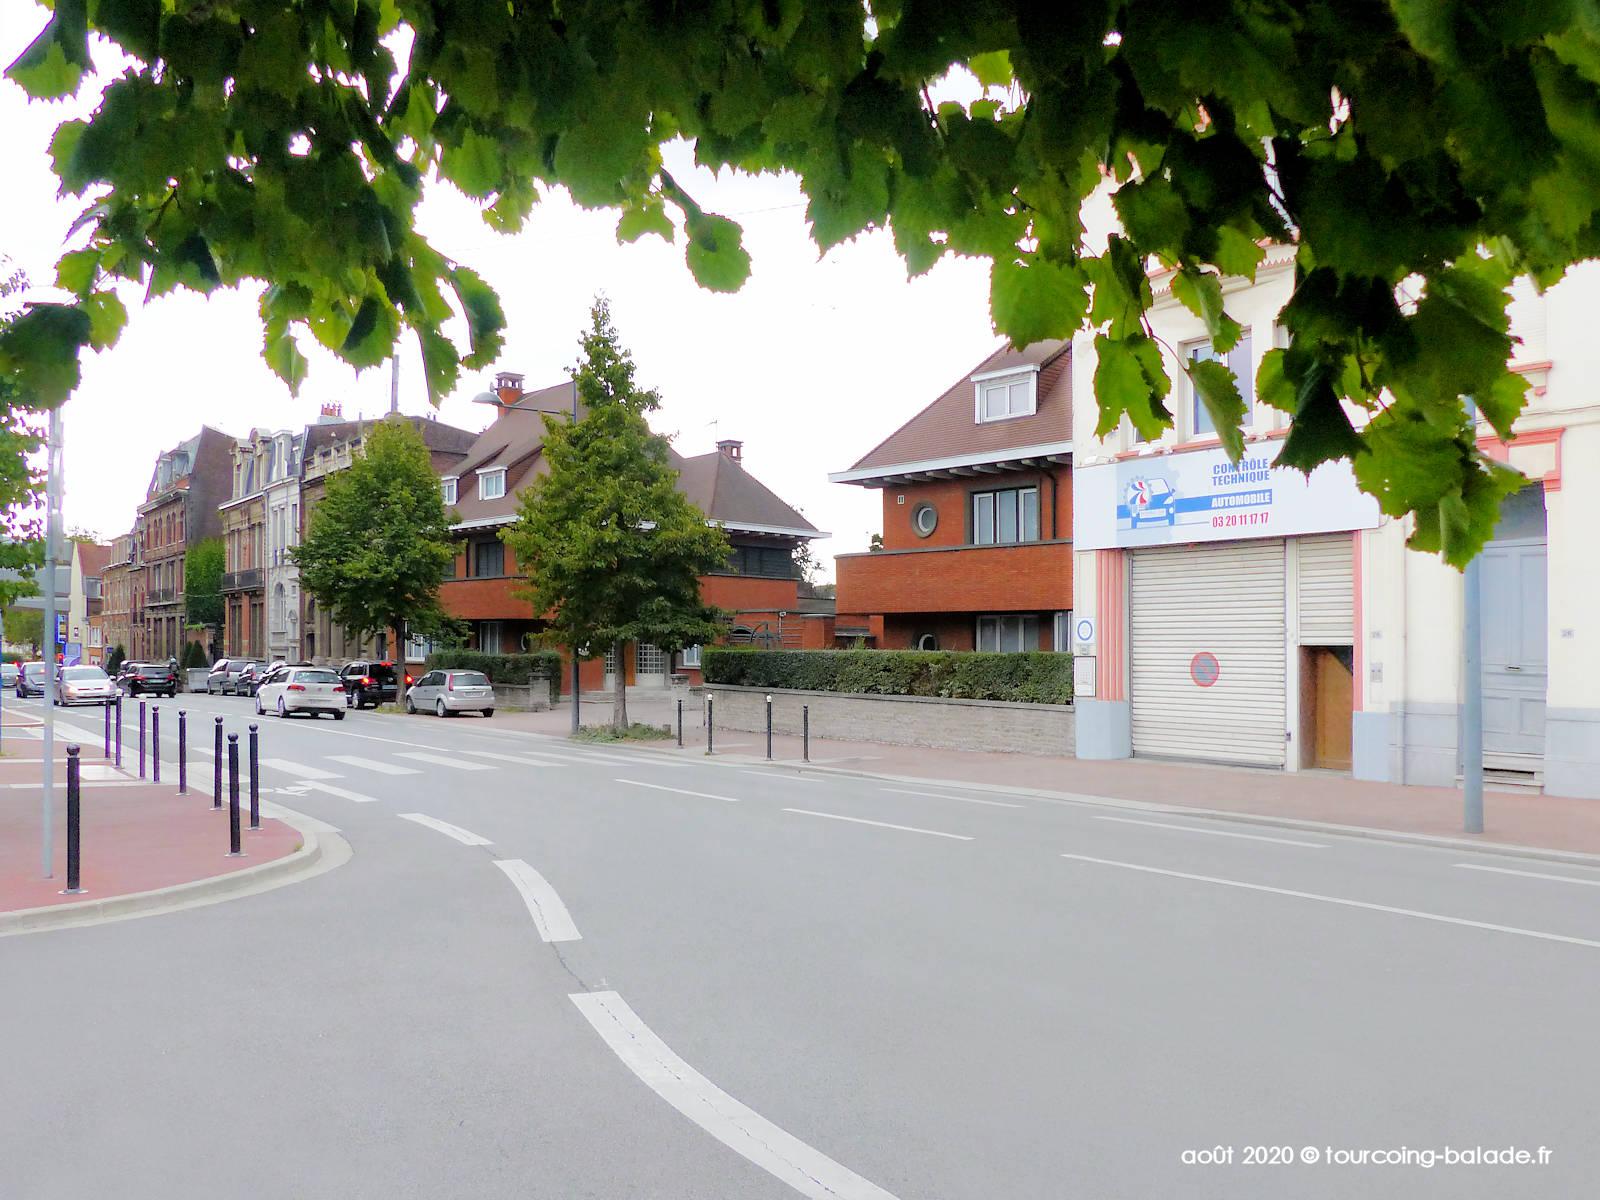 Maisons des Frères Servais, Tourcoing 2020